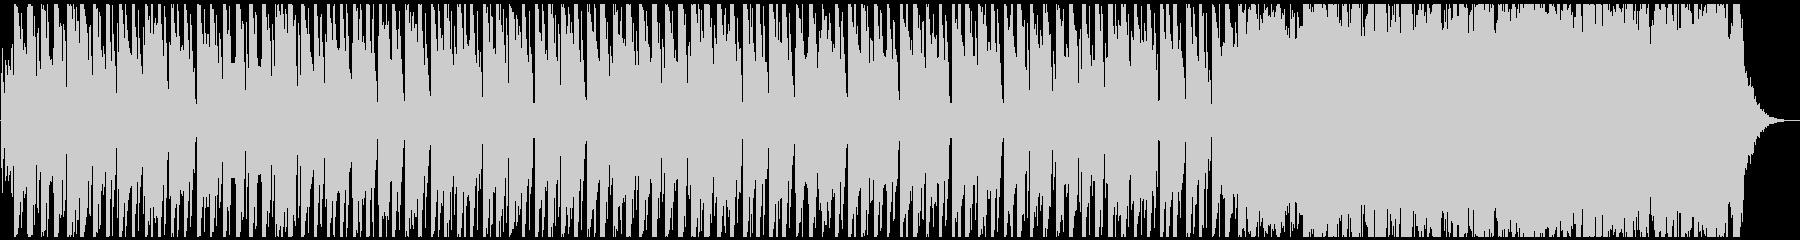 モーツァルトのエレクトロポップ/ダ...の未再生の波形